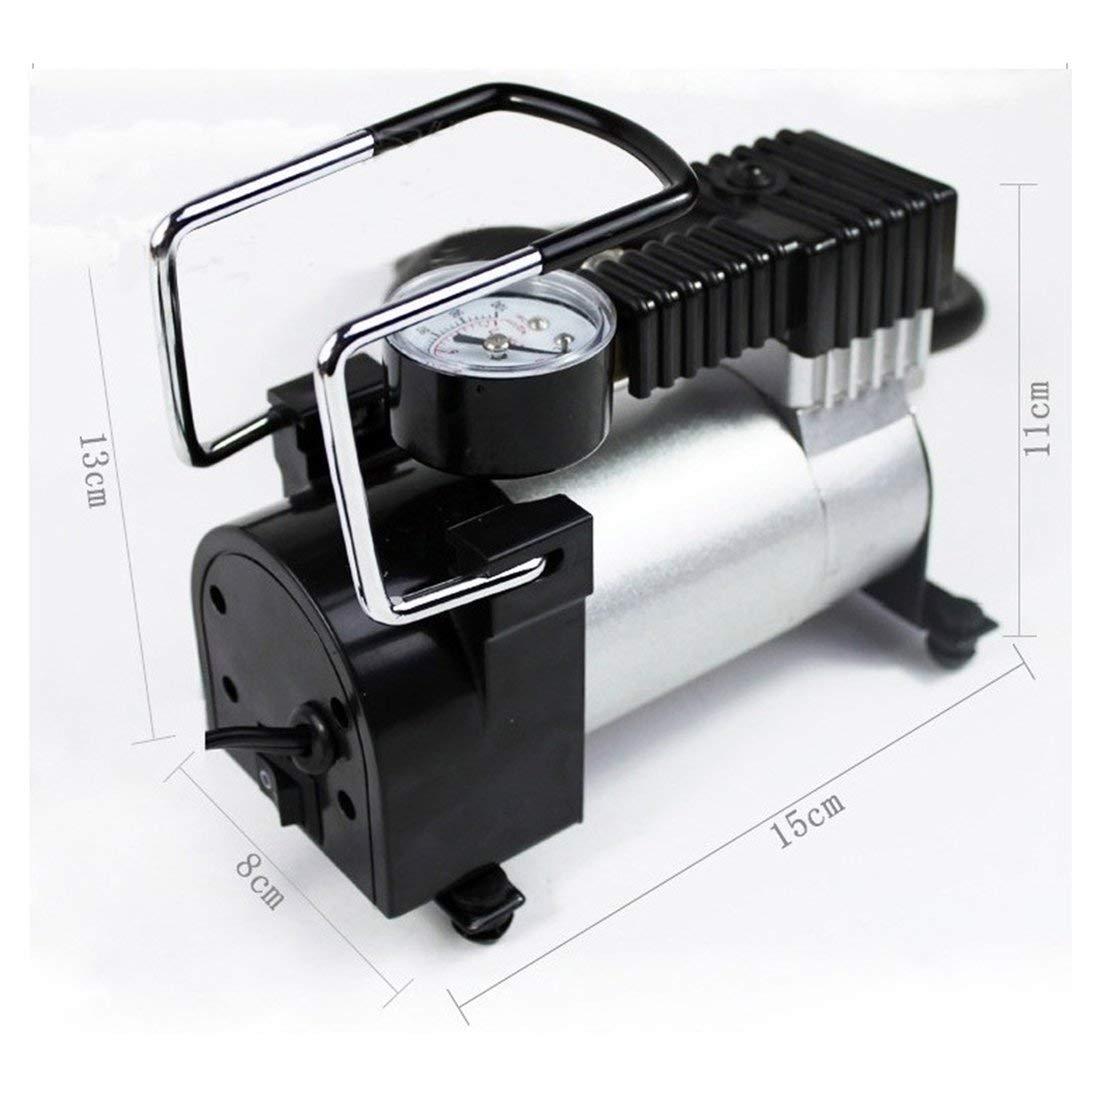 New Portable Mini Air Compressor Electric Tire Infaltor Pump 12 Volt Car 12V PSI